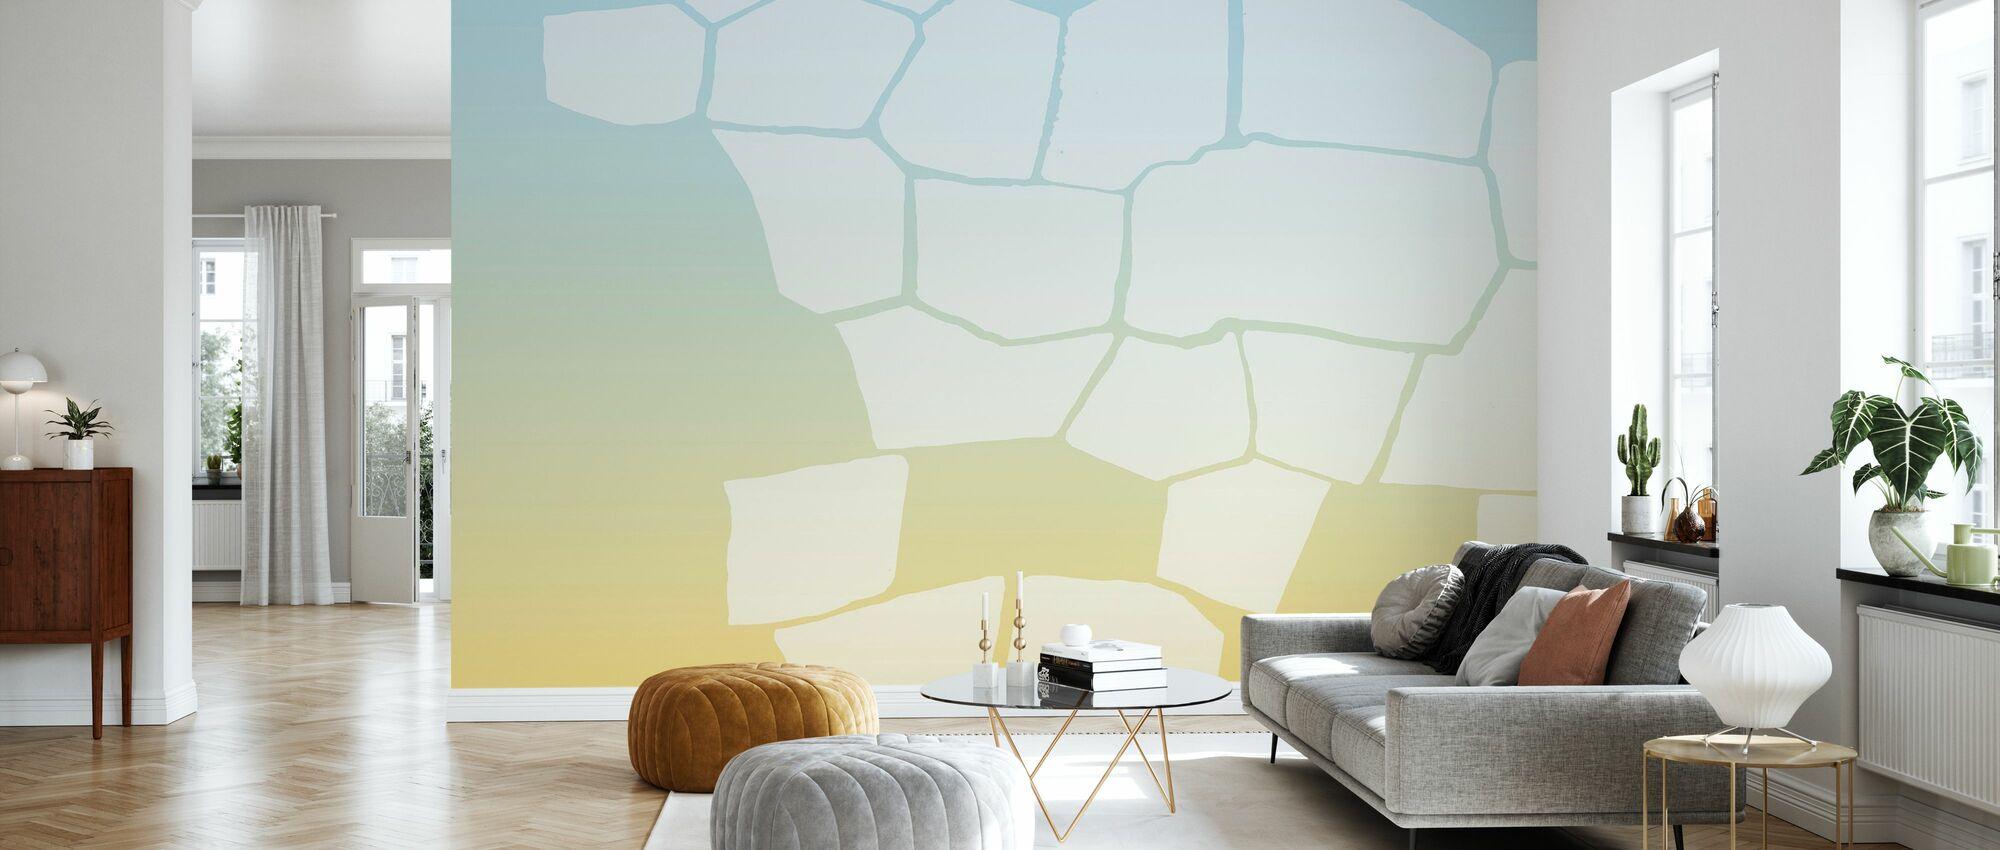 Käännetty keltainen seinä - Tapetti - Olohuone